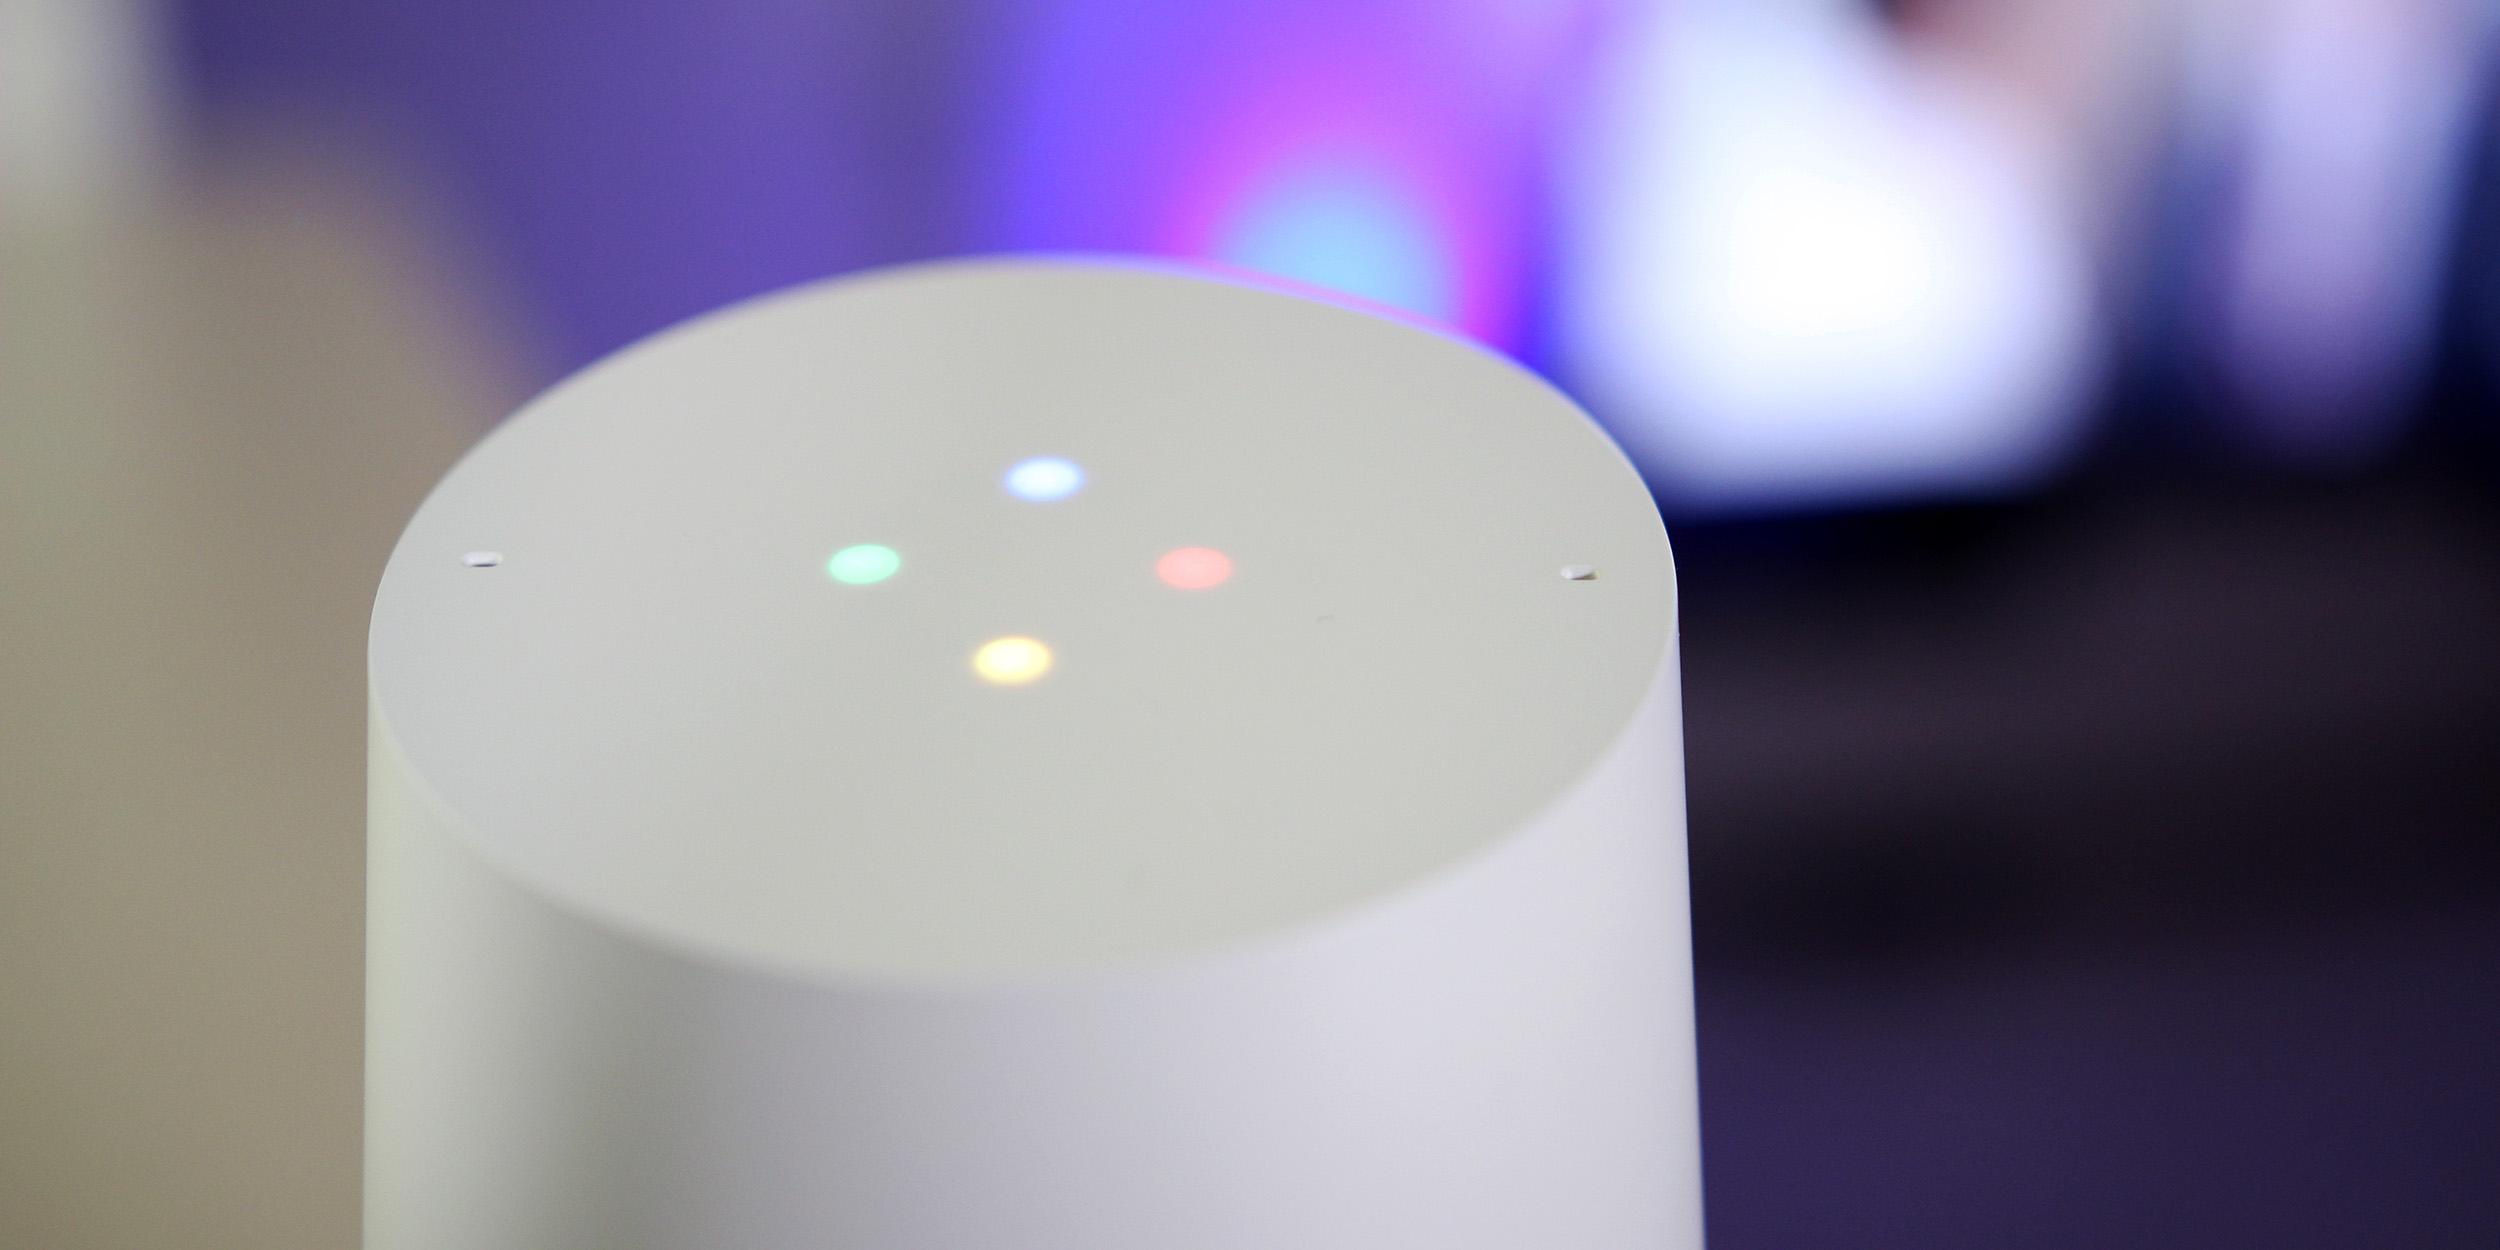 Google Assistant kann derzeit keine Verbindung zu Philips Hue-Leuchten herstellen, dies ist in Bearbeitung